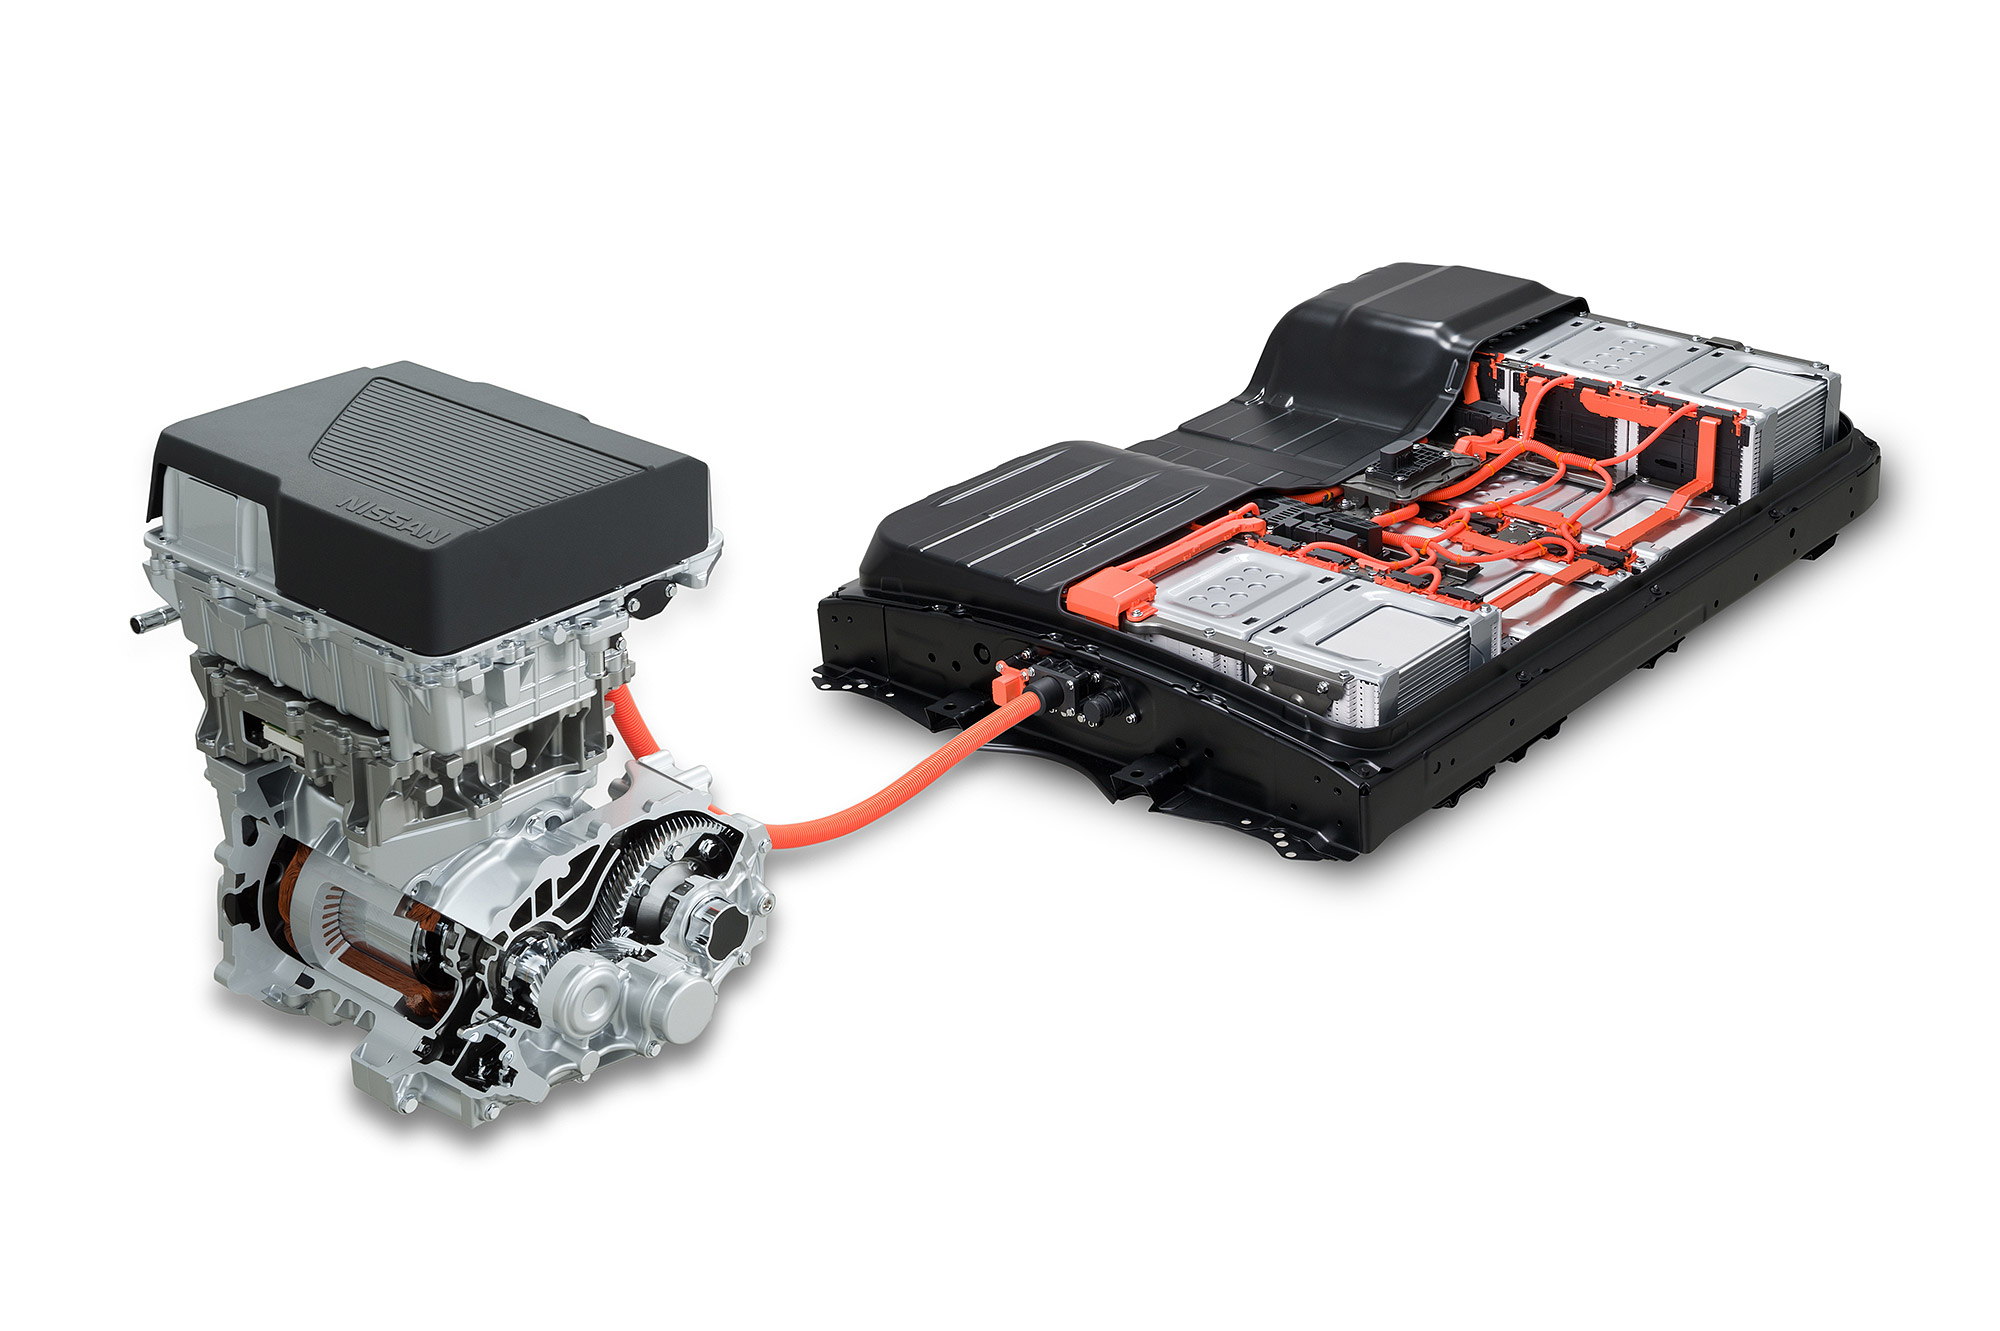 電動車動力系統的能源使用效率可達 77% 至 82% 左右。